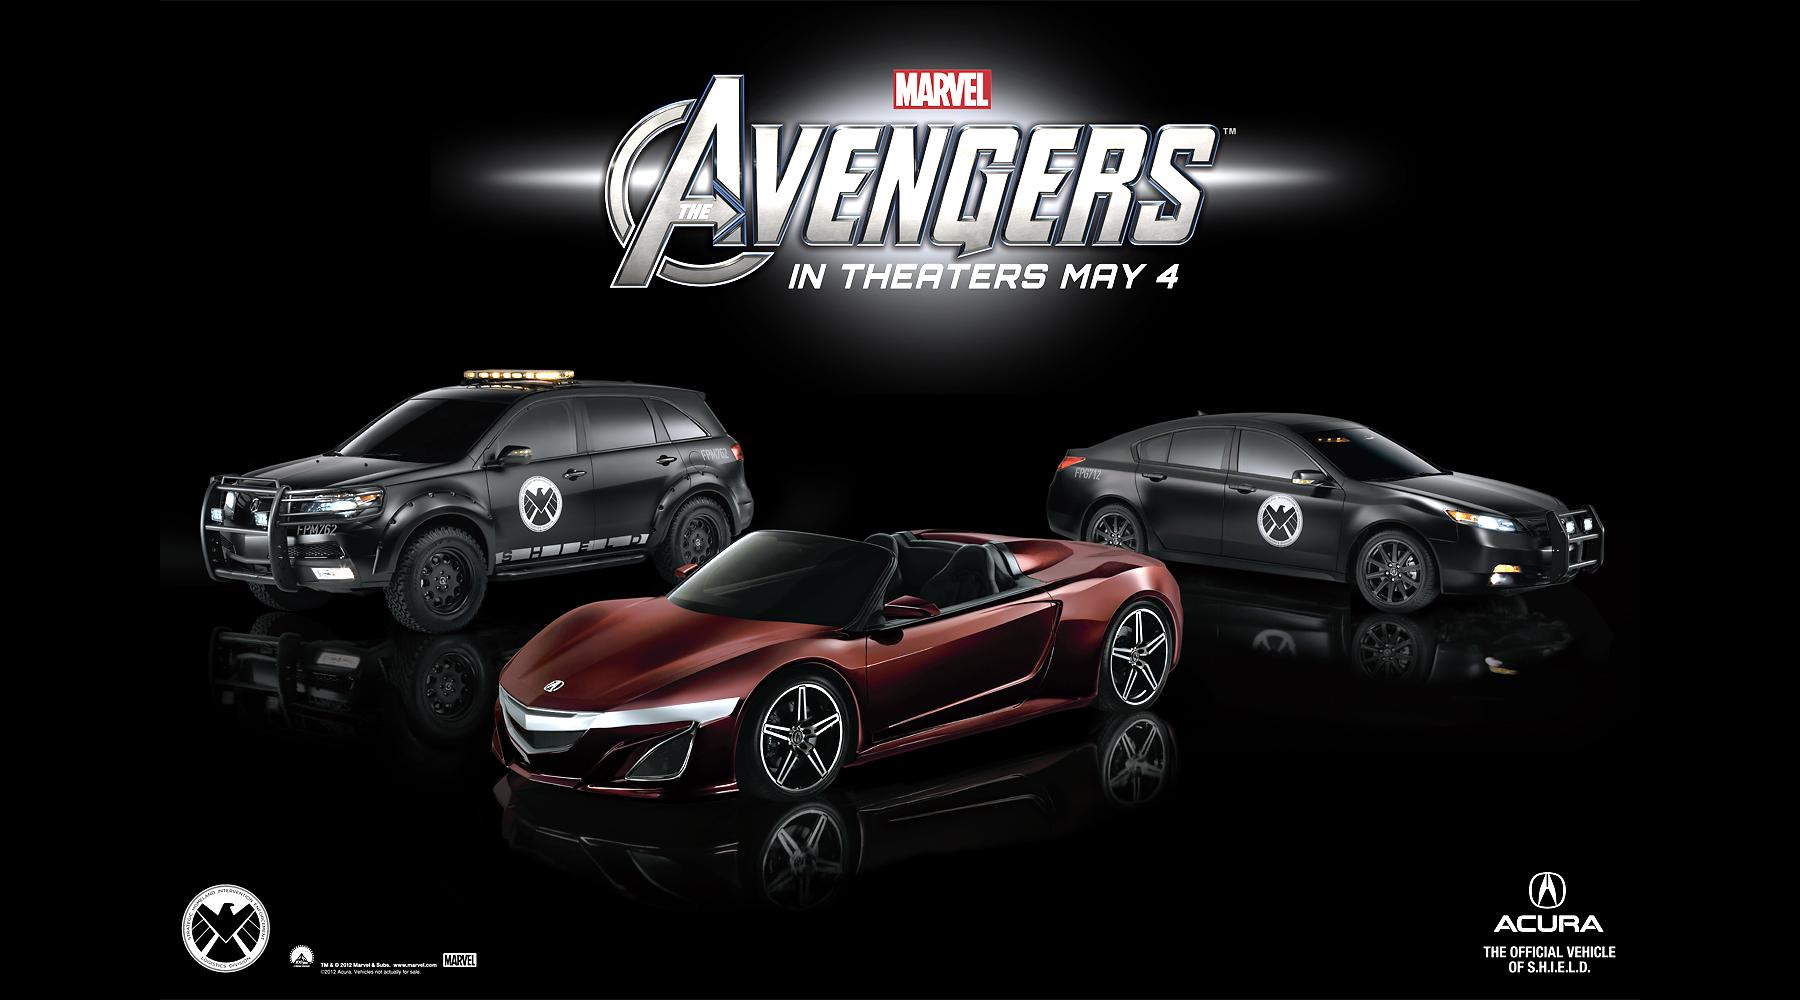 AvengersPoster.jpg